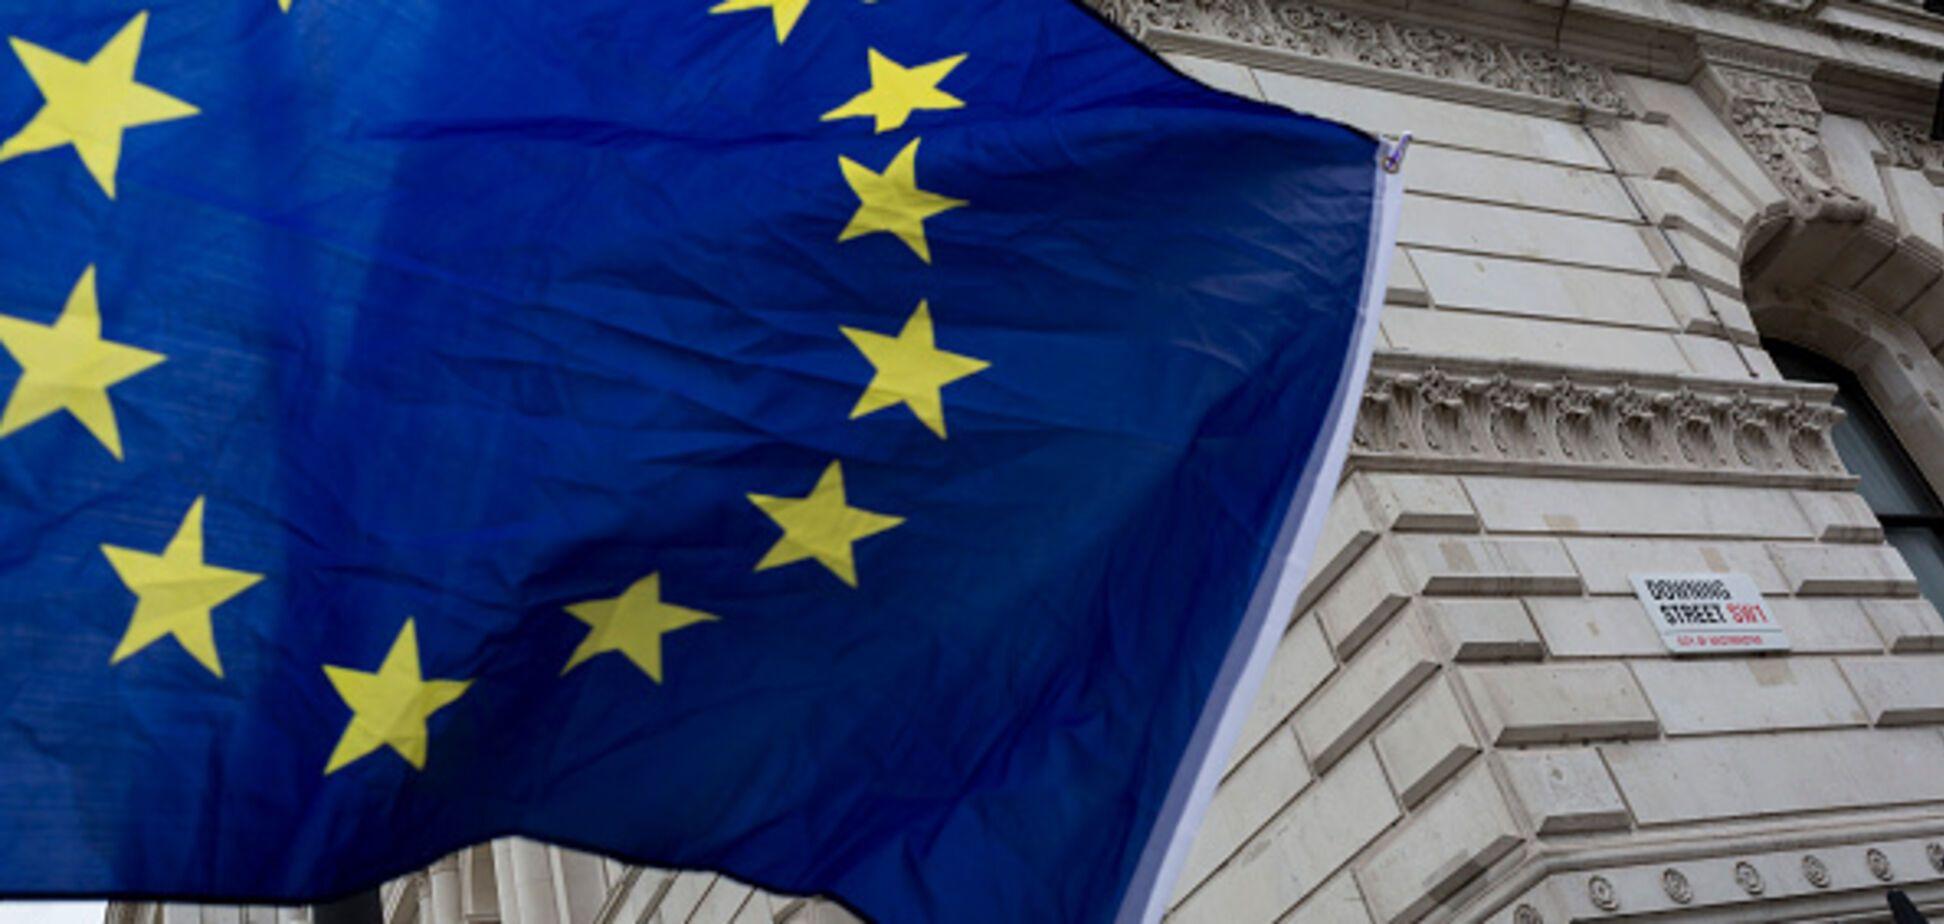 Без України: в Євросоюзі заявили про готовність прийняти 6 нових країн